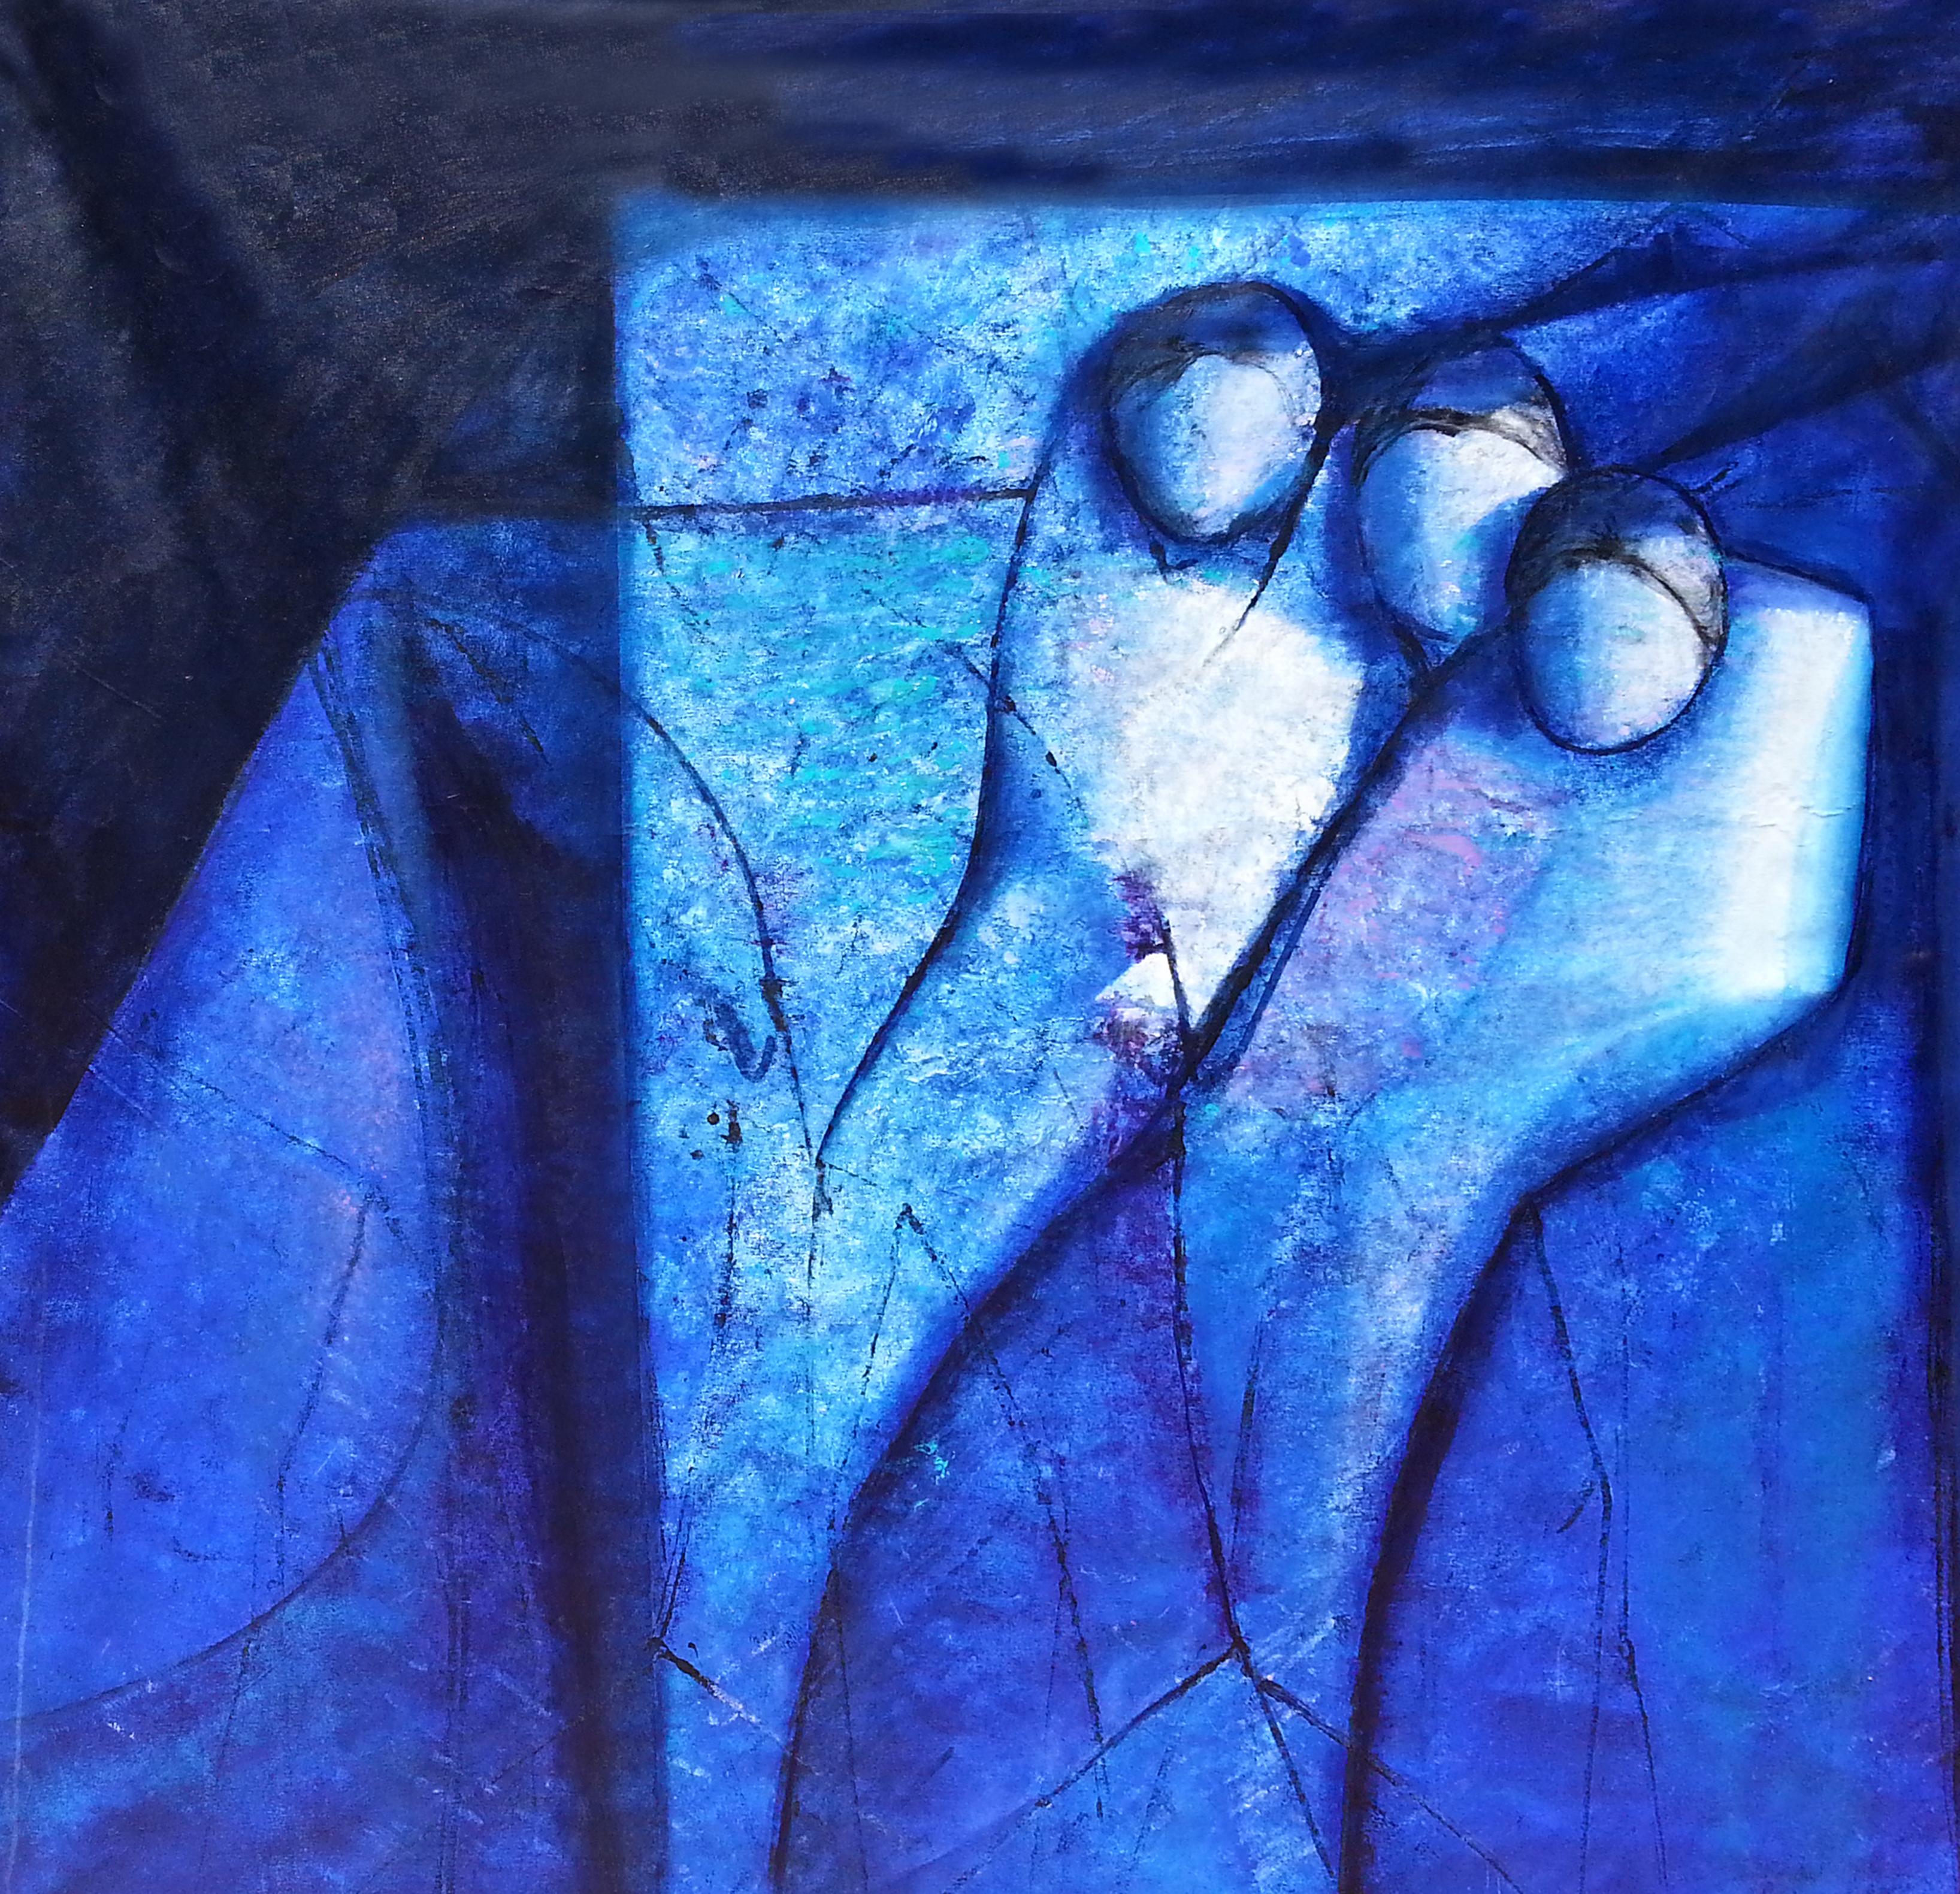 Bartolomeo Gatto - Scolpite nella roccia - acrilico 200x200